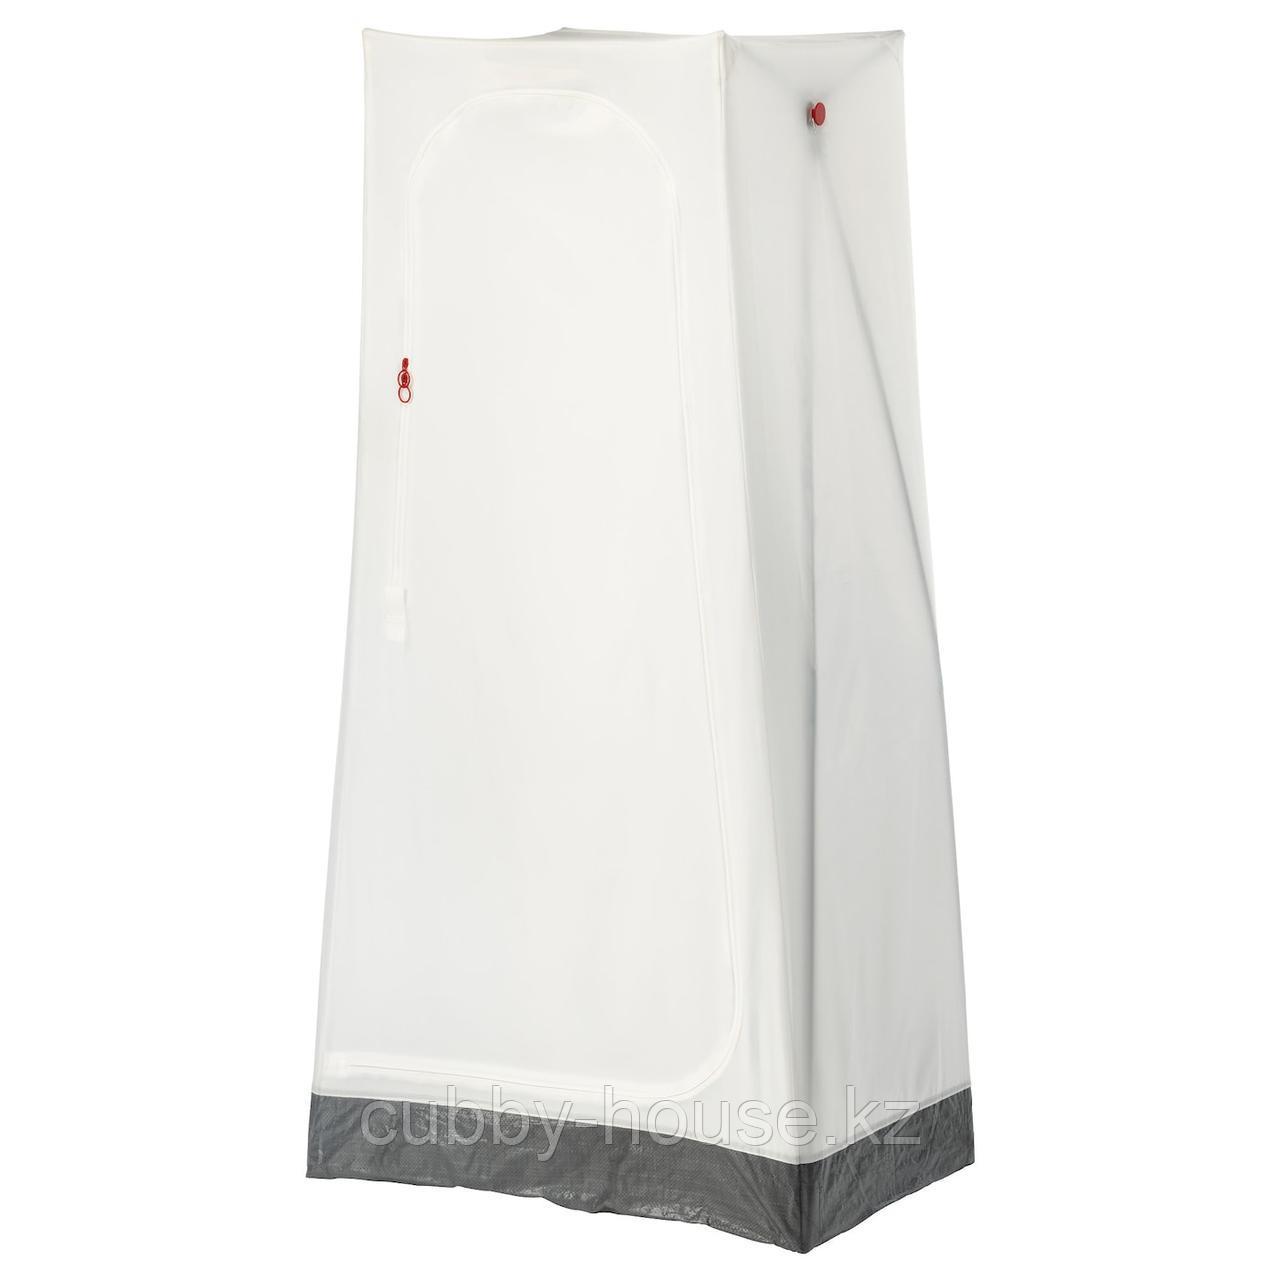 ВУКУ Гардероб, белый, 74x51x149 см